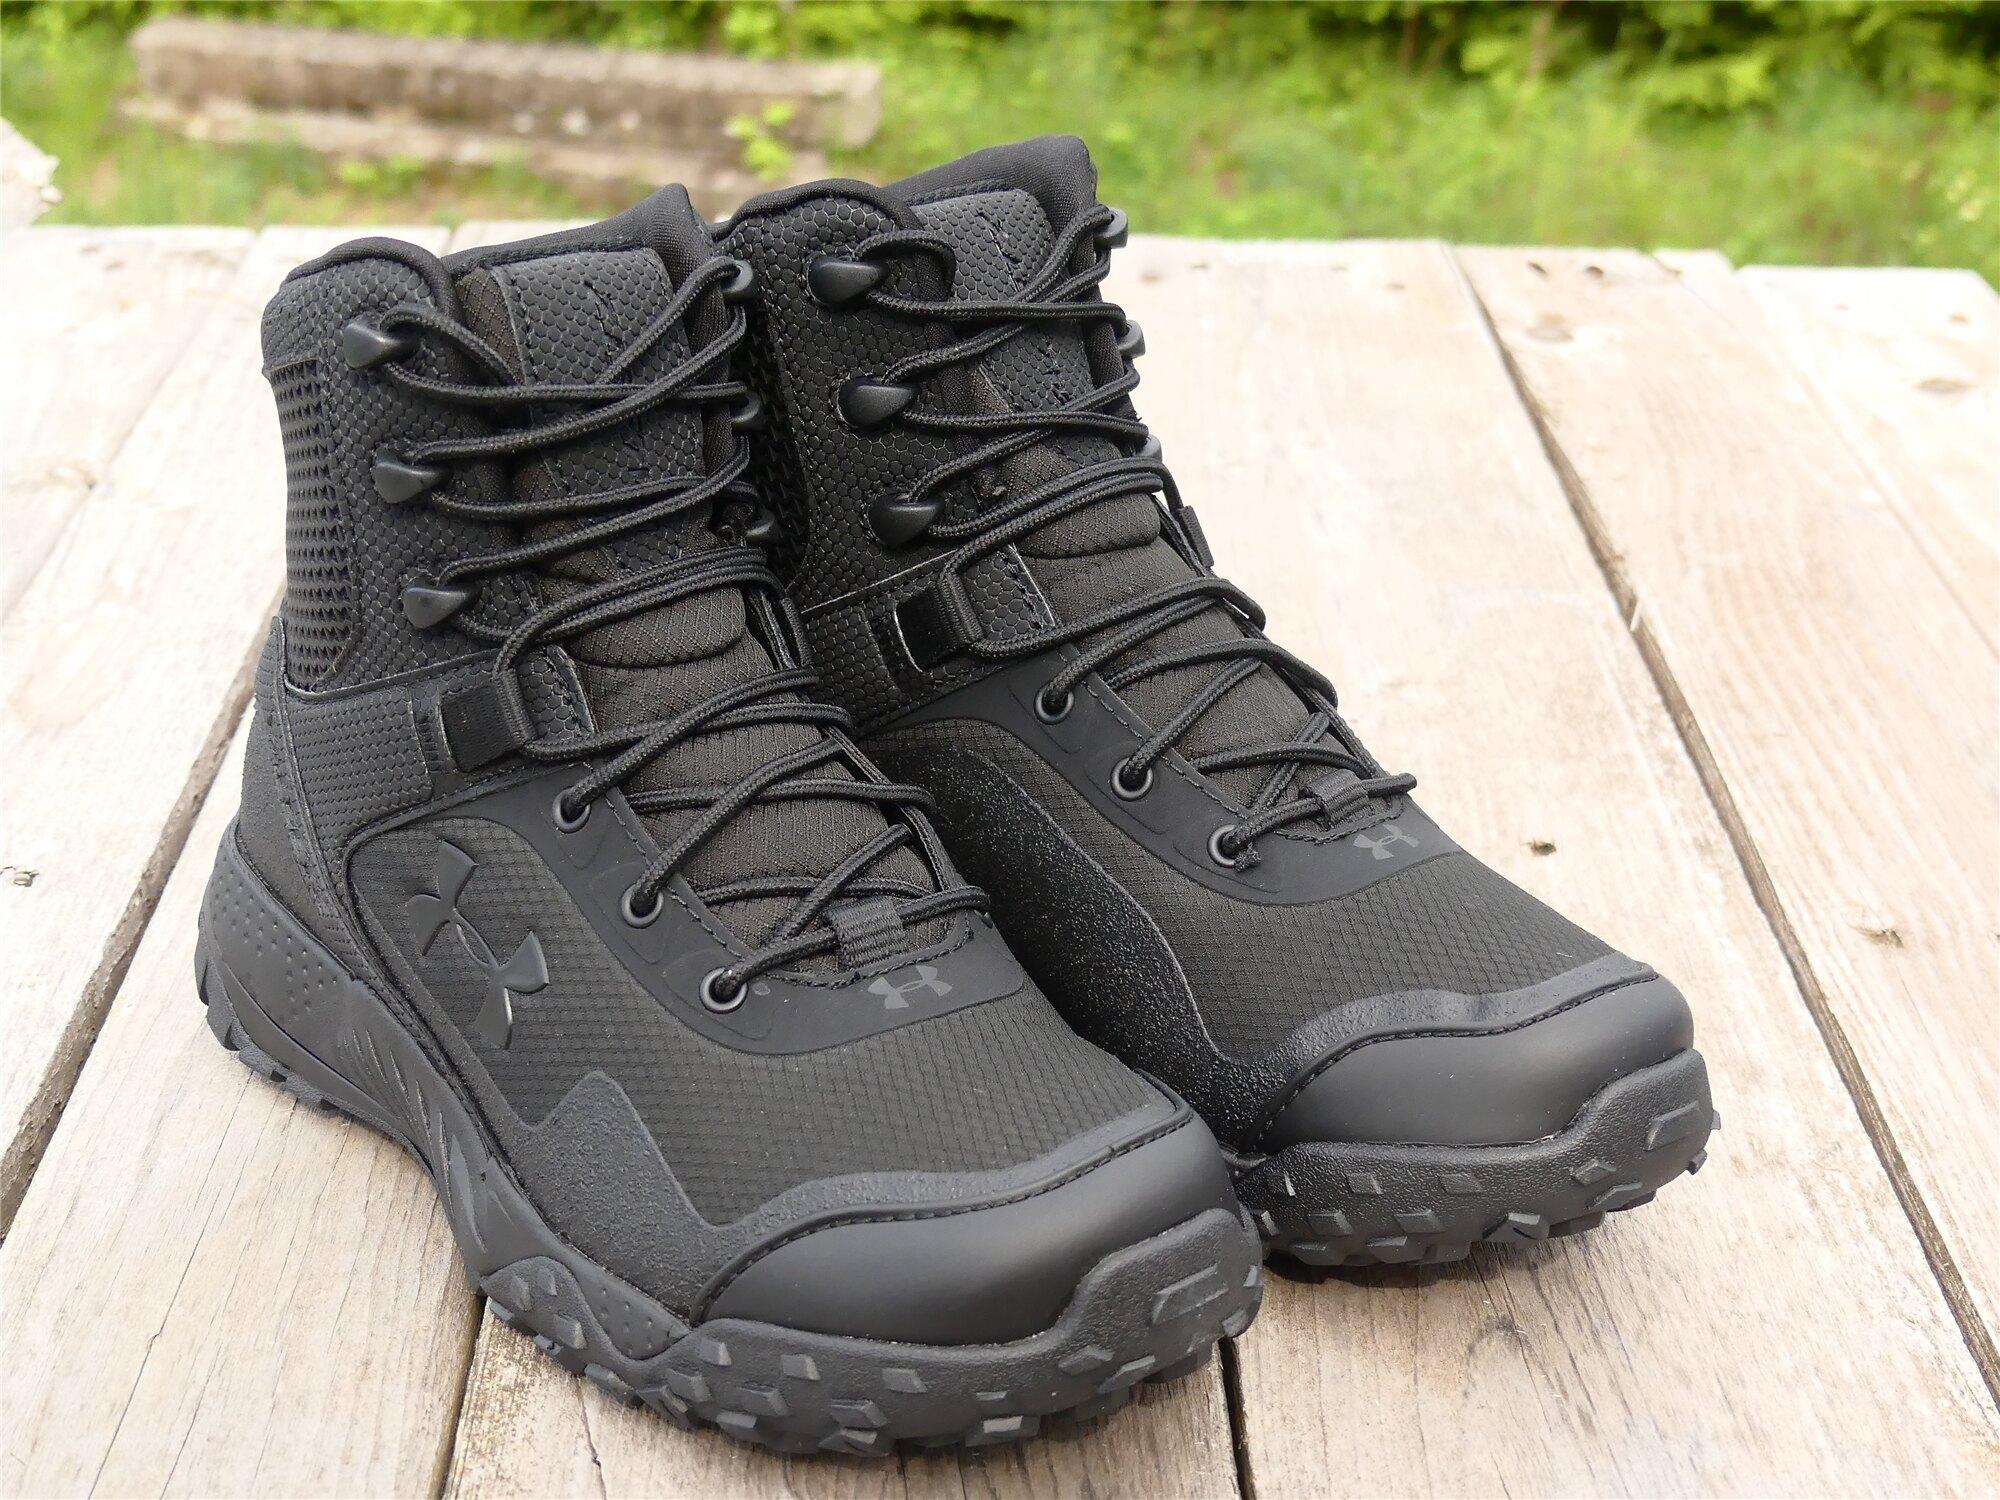 Dámske taktické topánky UNDER ARMOUR® Valsetz RTS 1.5 - Čierne (Farba: Čierna, Veľkosť: 40 (EU))